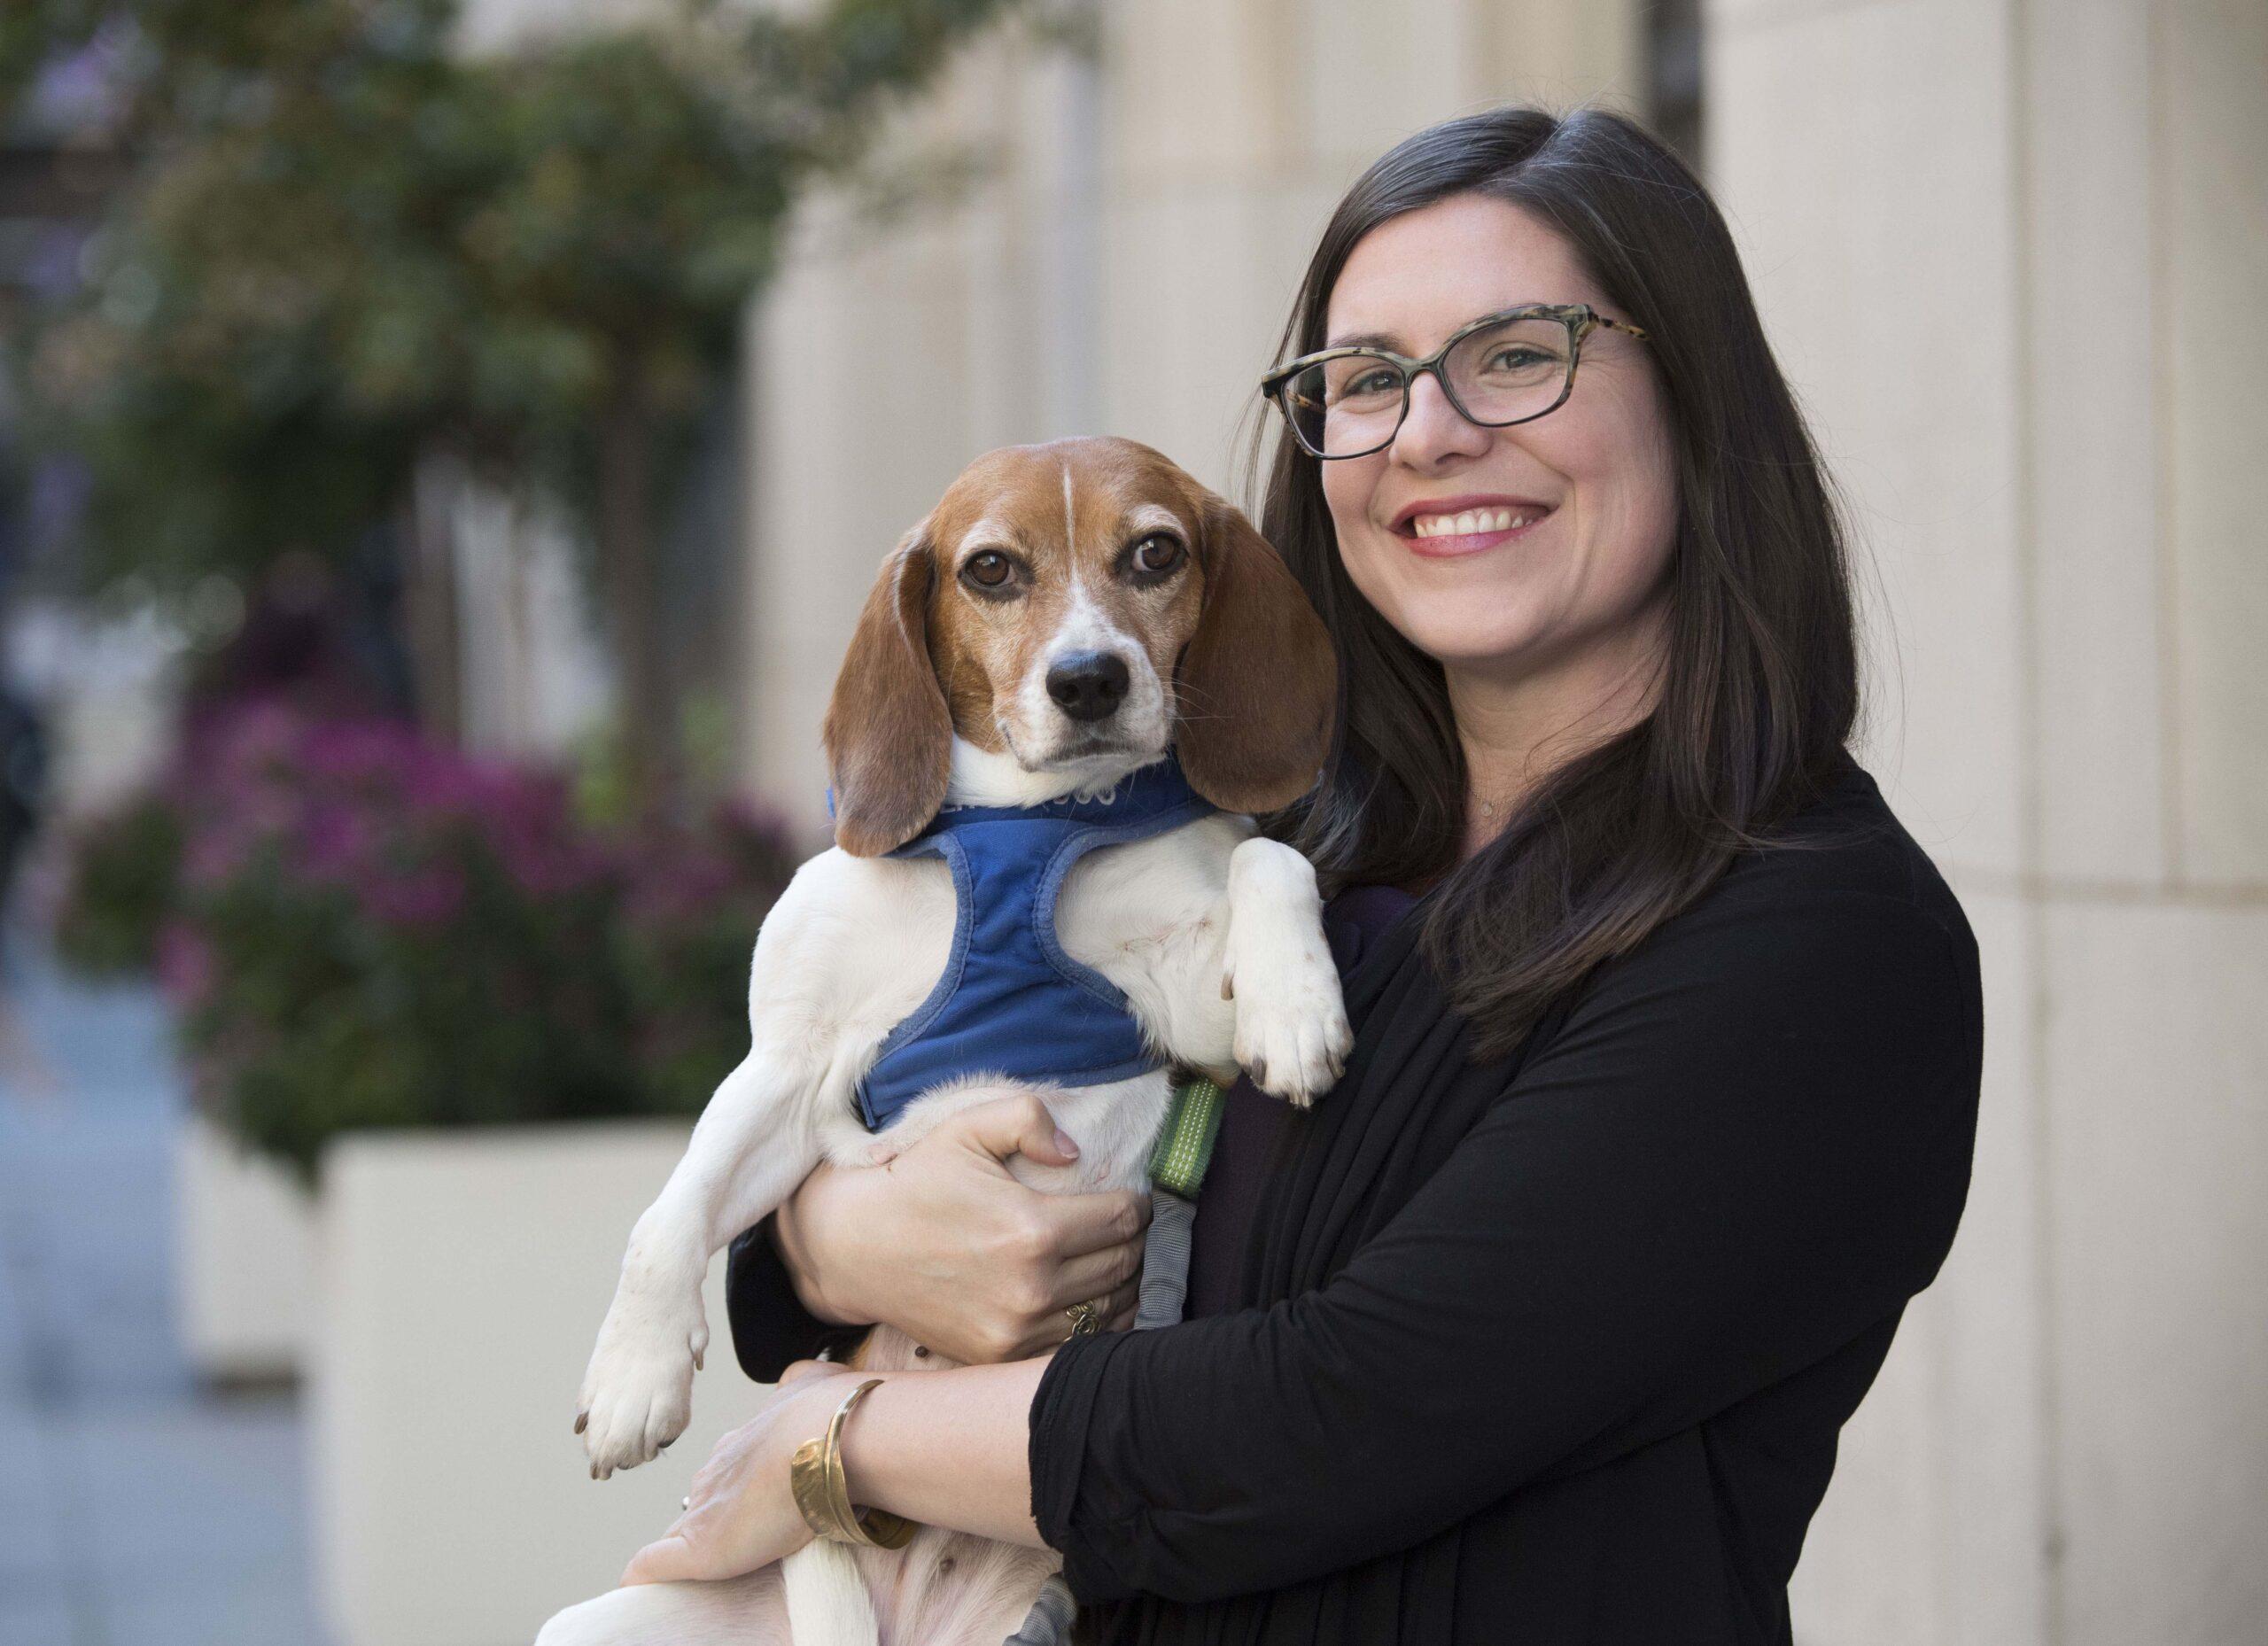 Ashley Maynor with service dog Cardamom